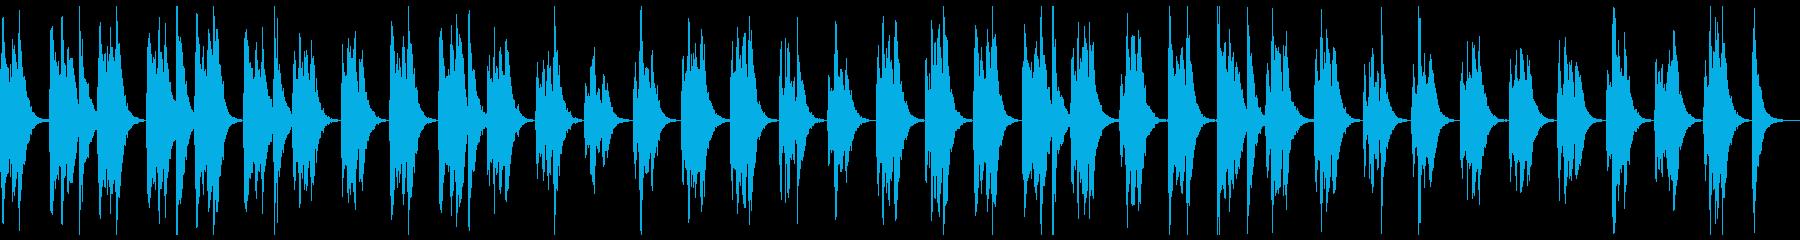 ピッチカートのこっそり曲の再生済みの波形